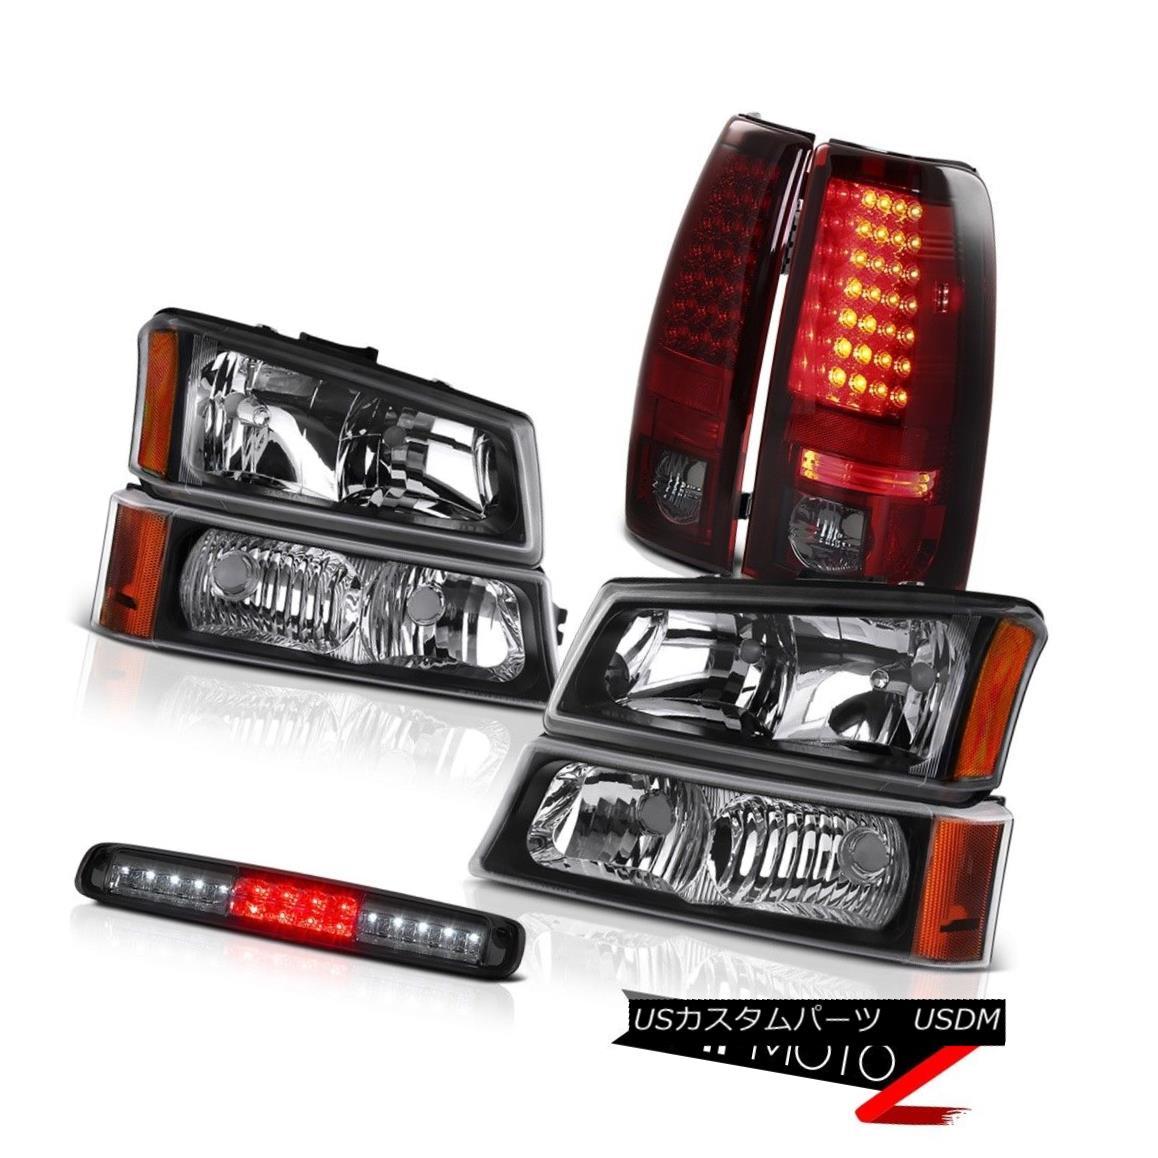 テールライト 03-06 Silverado 1500 Nighthawk Black Headlamps Smoked 3RD Brake Light Tail Lamps 03-06 Silverado 1500ナイトホークブラックヘッドランプスモーク3RDブレーキライトテールランプ